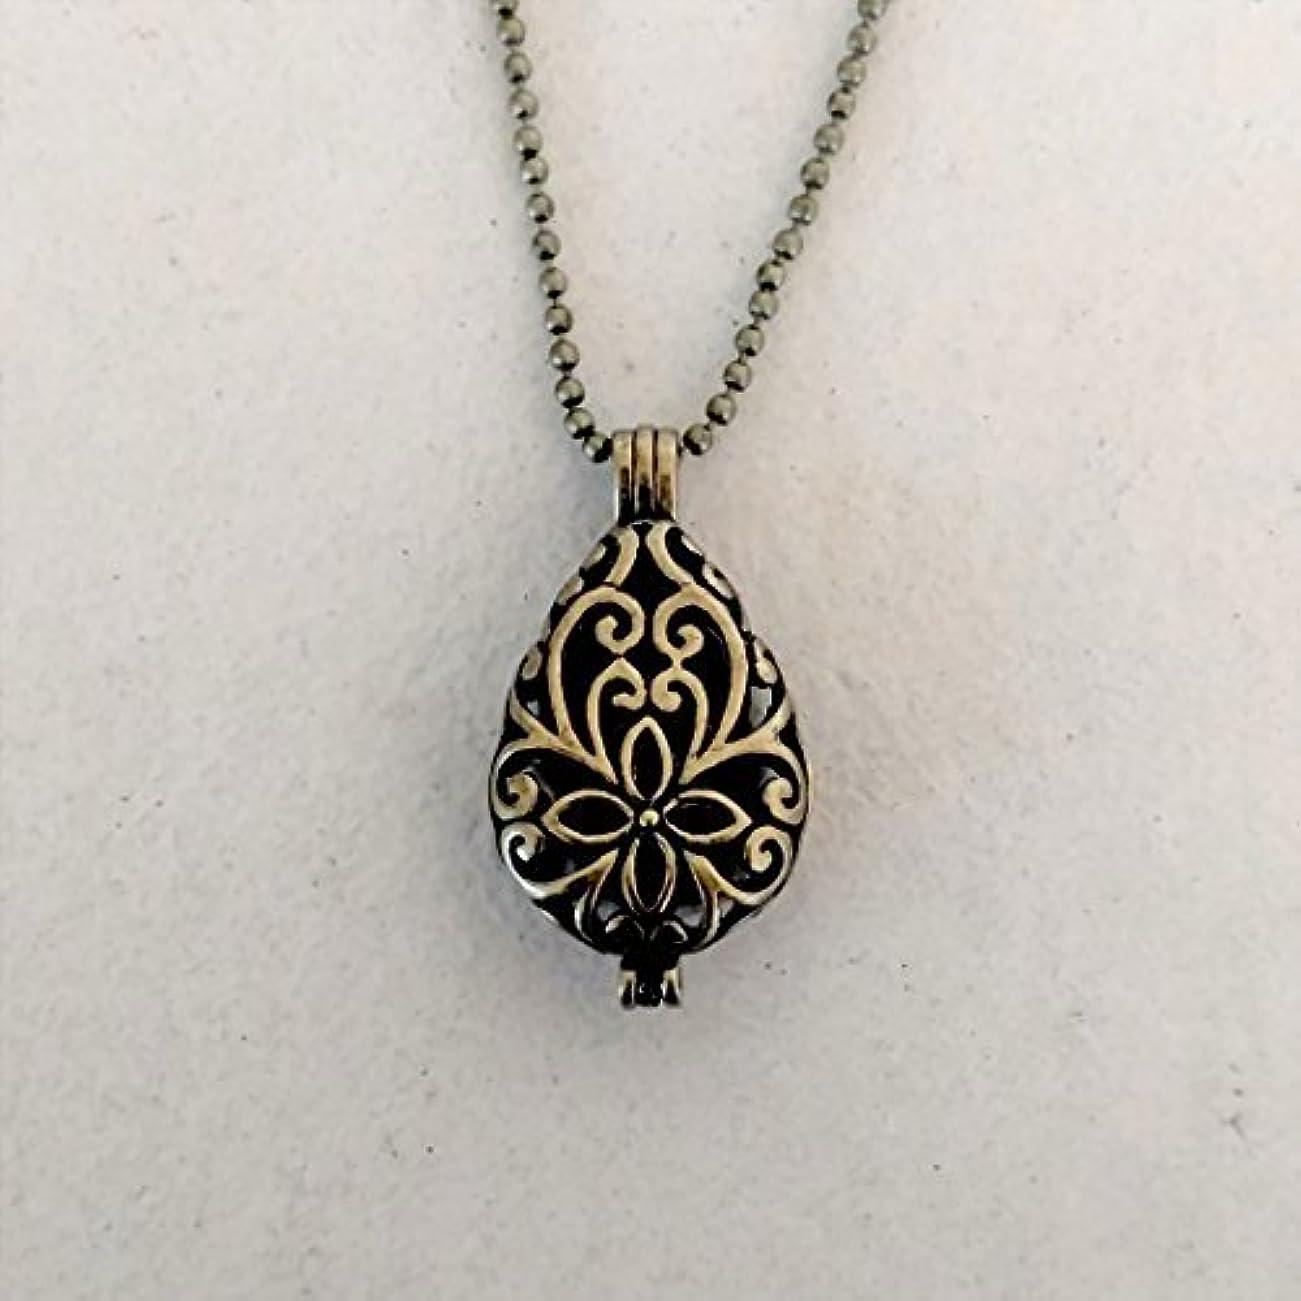 ヘビーわかりやすい典型的なBronze tone Teardrop Small Aromatherapy Necklace Essential Oil Diffuser Locket Pendant Jewelry w/reusable felt...